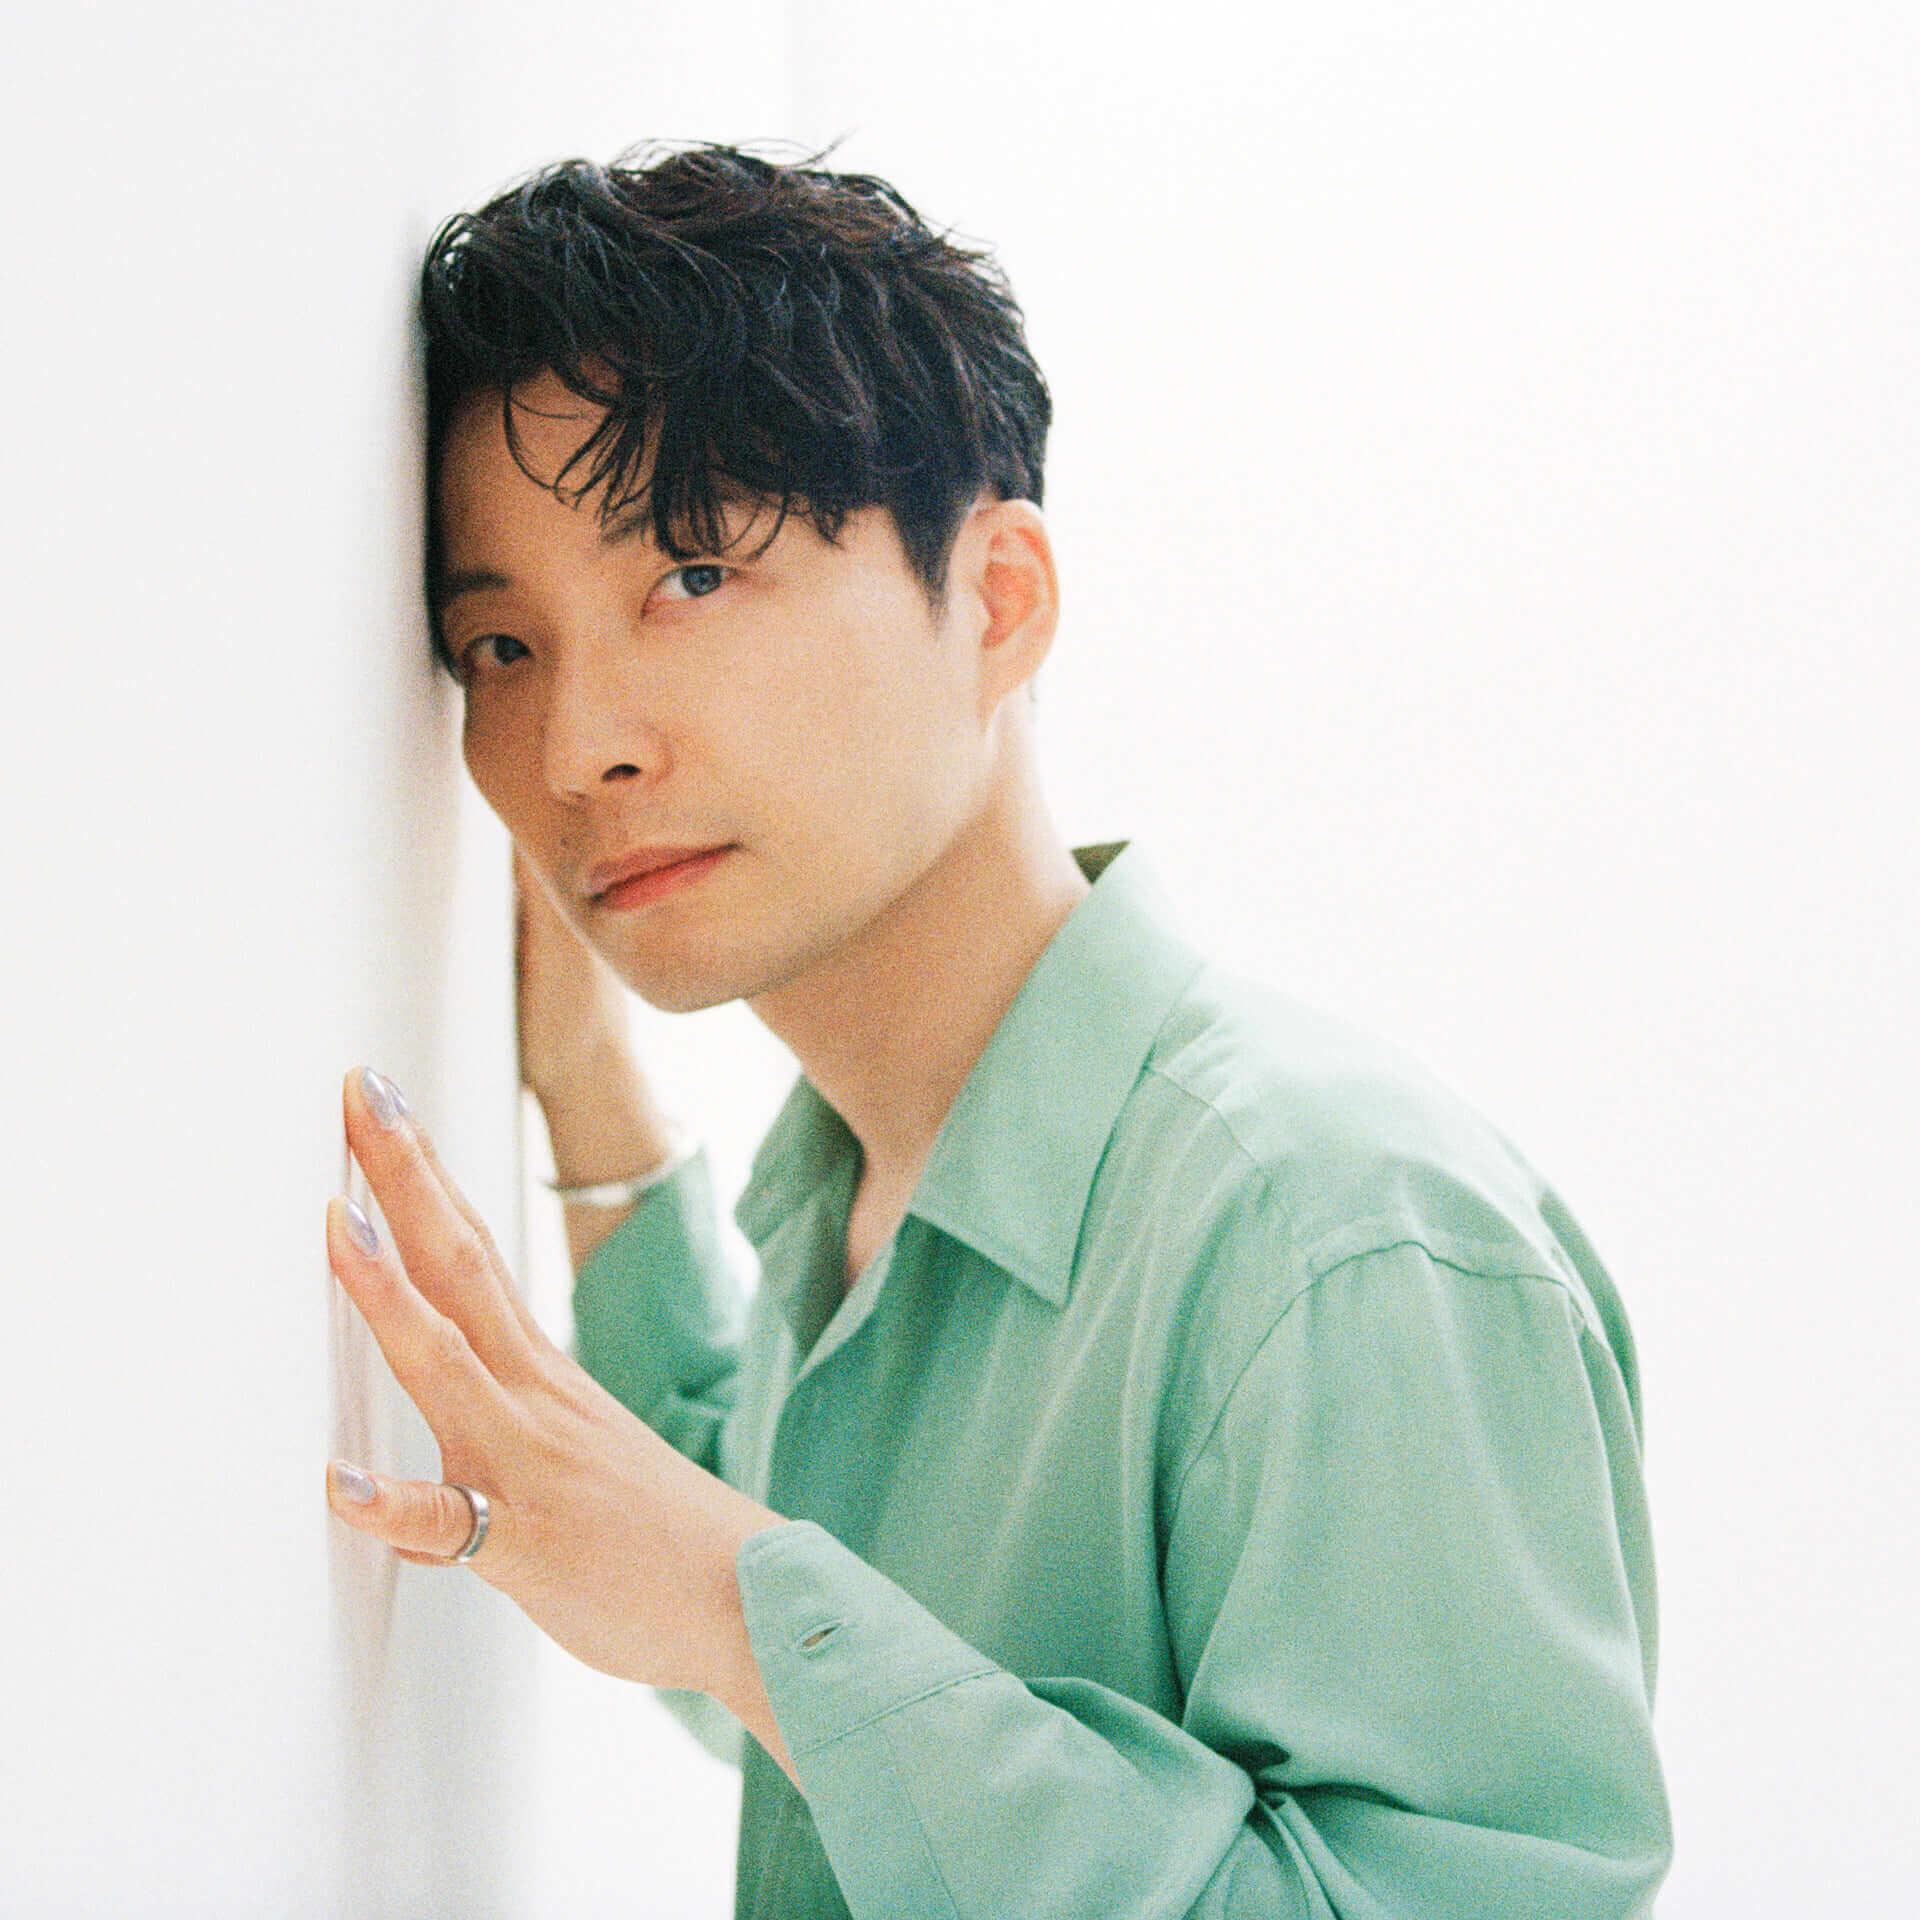 星野源がソロデビュー11周年!ニューシングル『不思議/創造』がリリース決定 art210511_hoshinogen_2